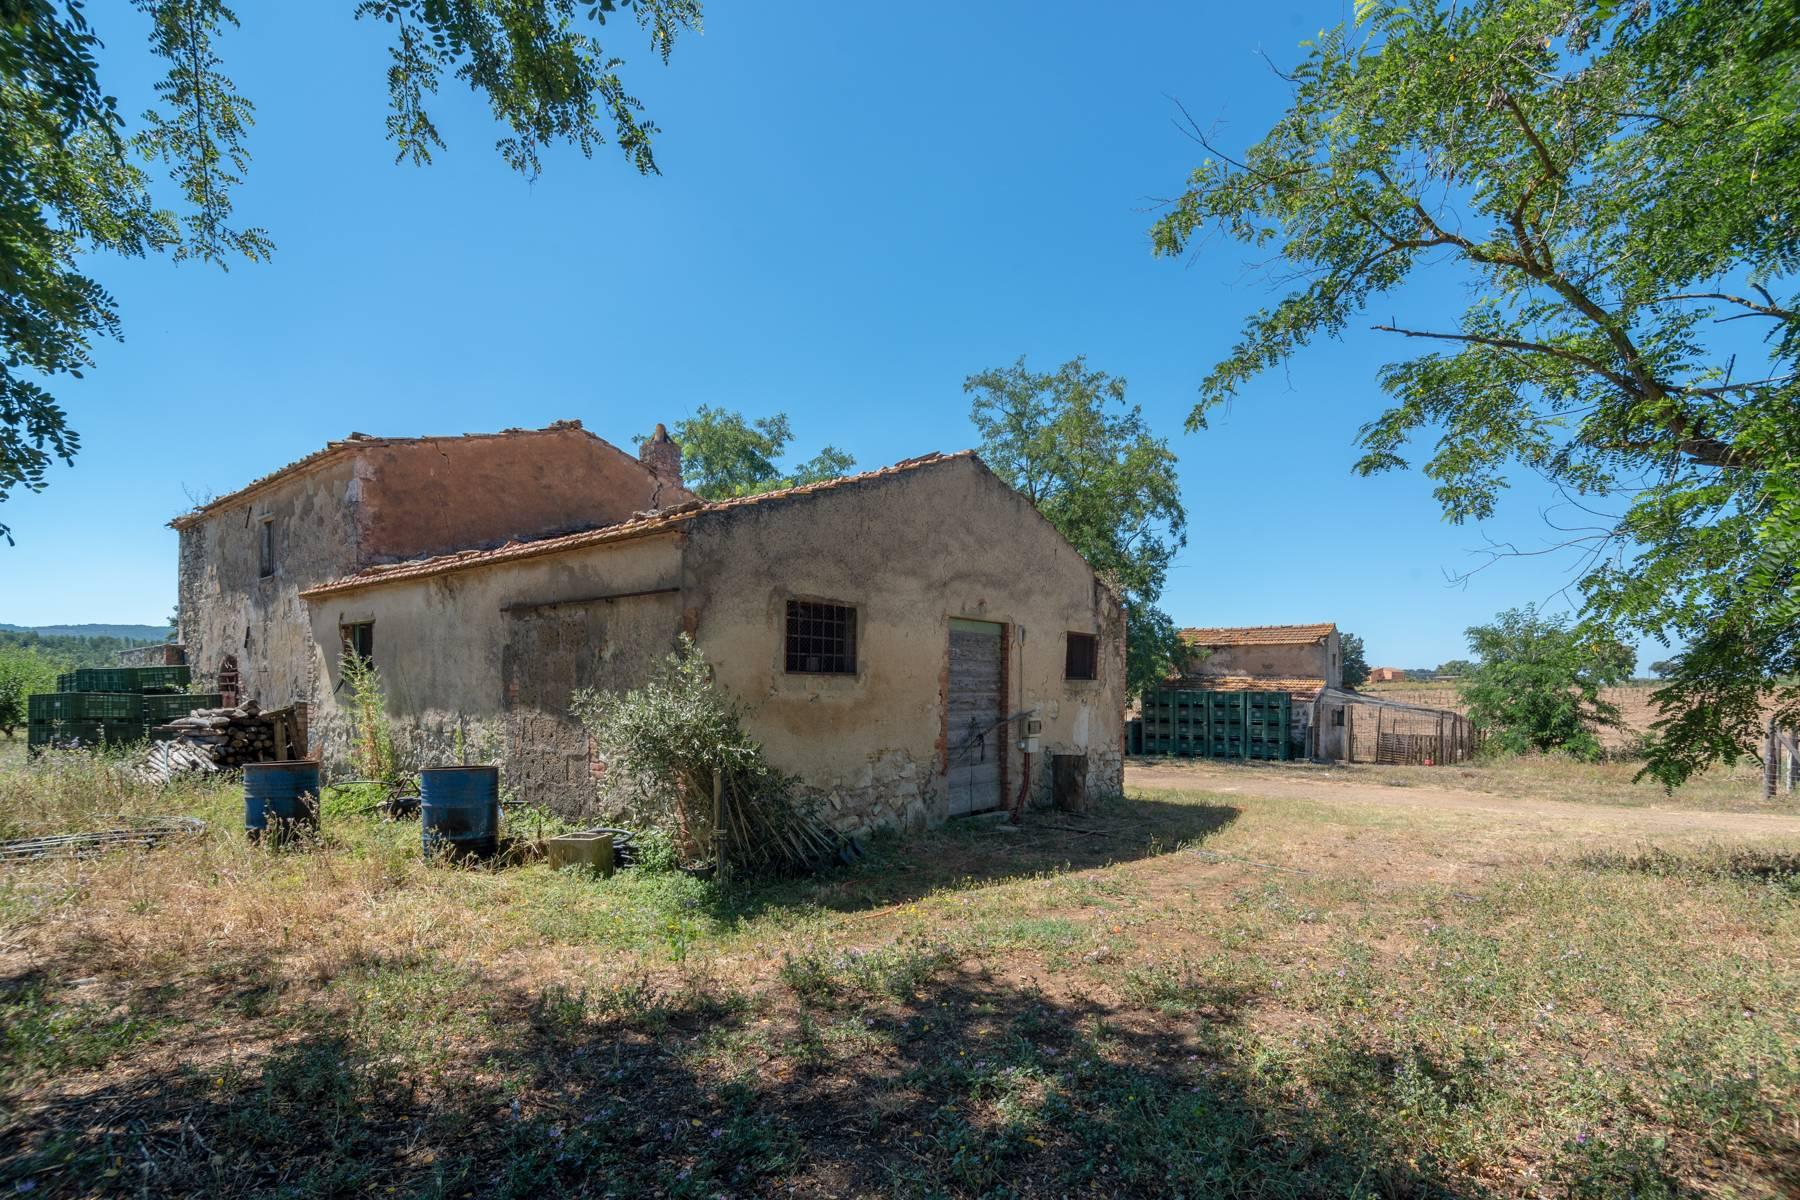 Rustico in Vendita a Manciano: 5 locali, 290 mq - Foto 24